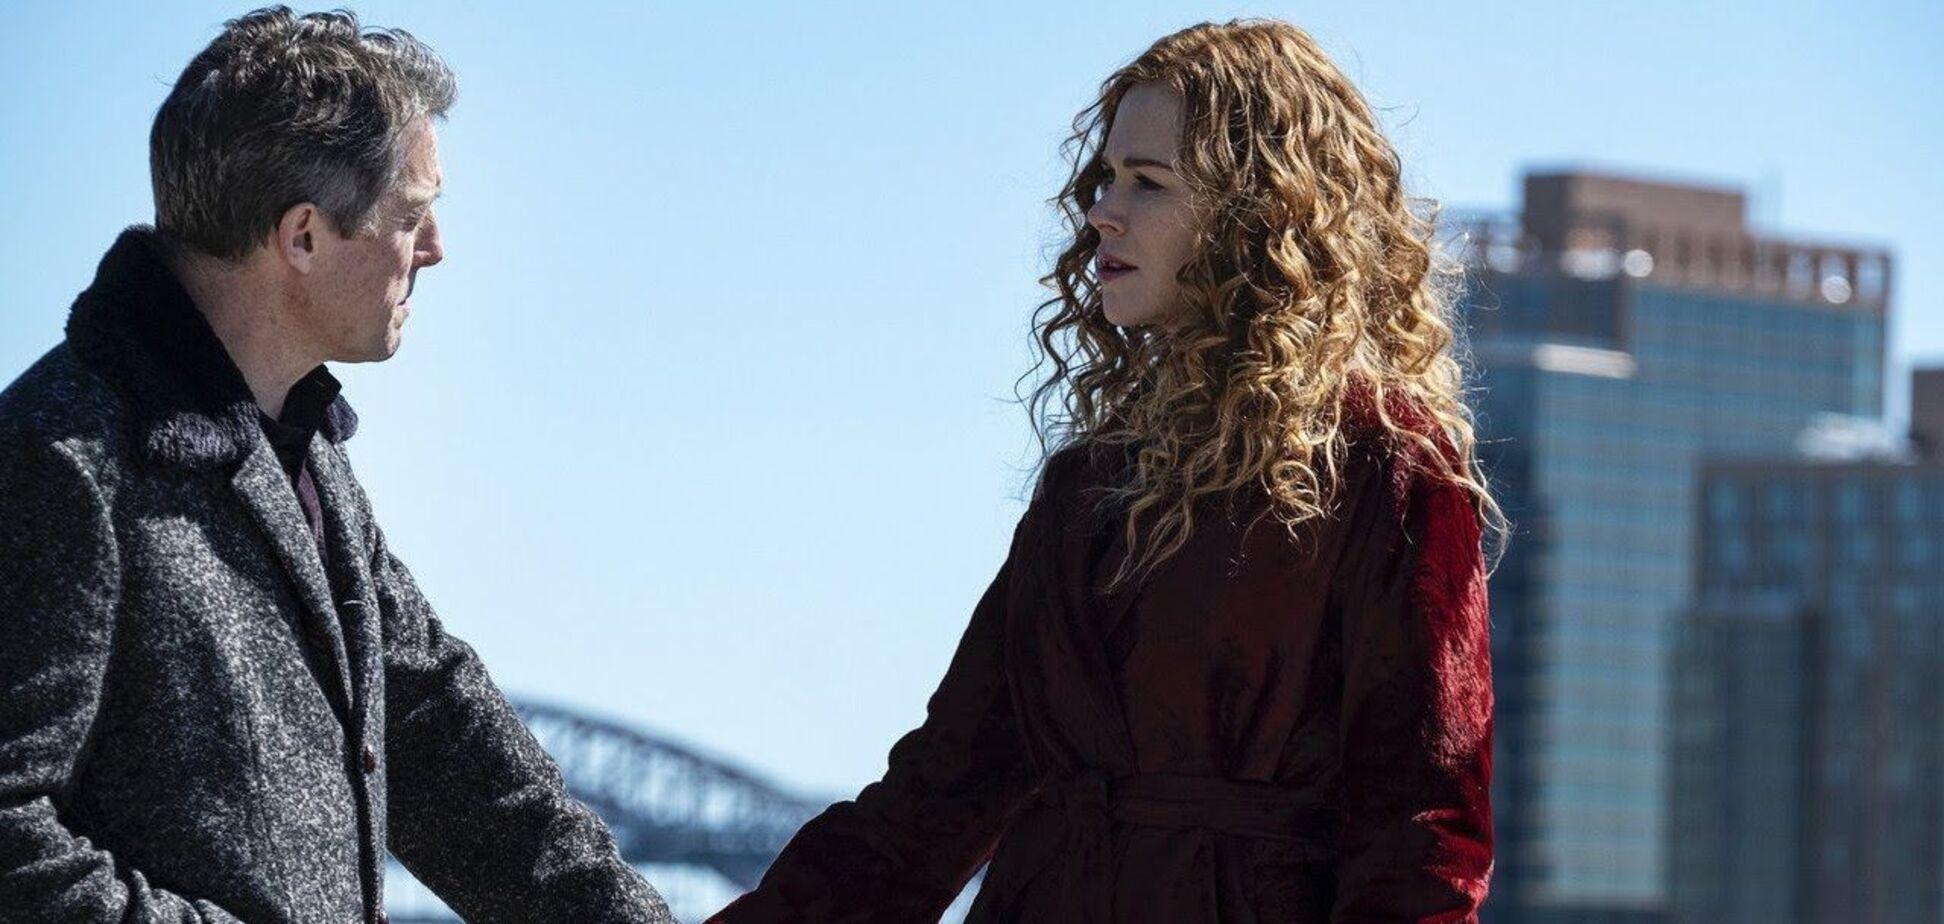 Фінал серіалу 'Відіграти назад': став відомий сюжет знаменитої кінострічки